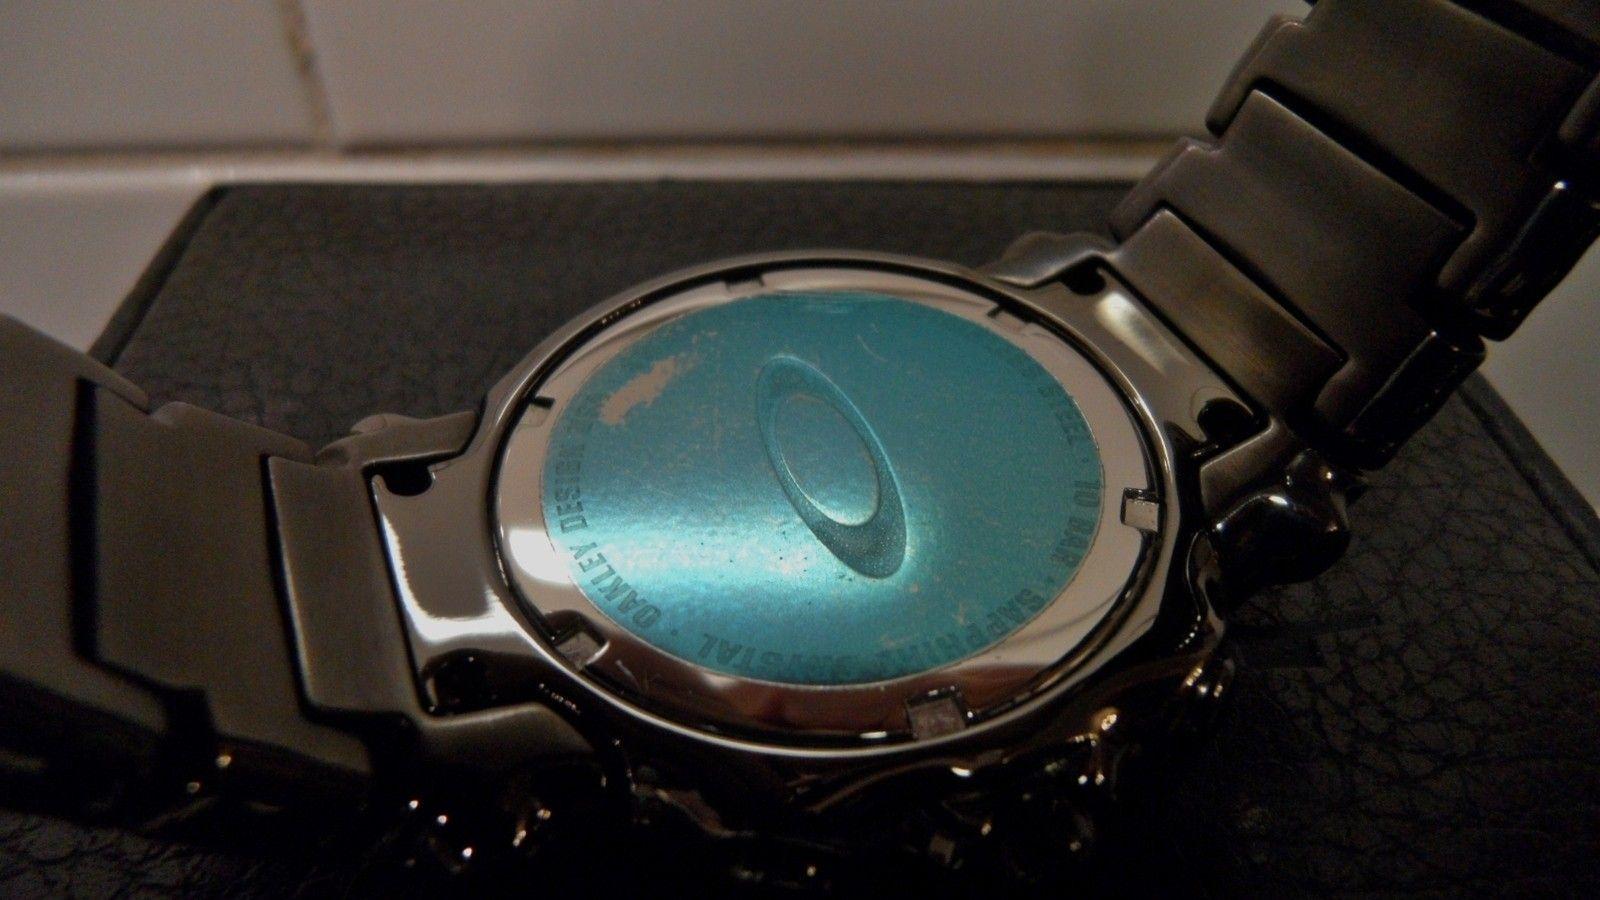 Stealth Black Gen 1 Judge watch. model 10-164. Unworn.  U.K Sale - SAM_0031.JPG